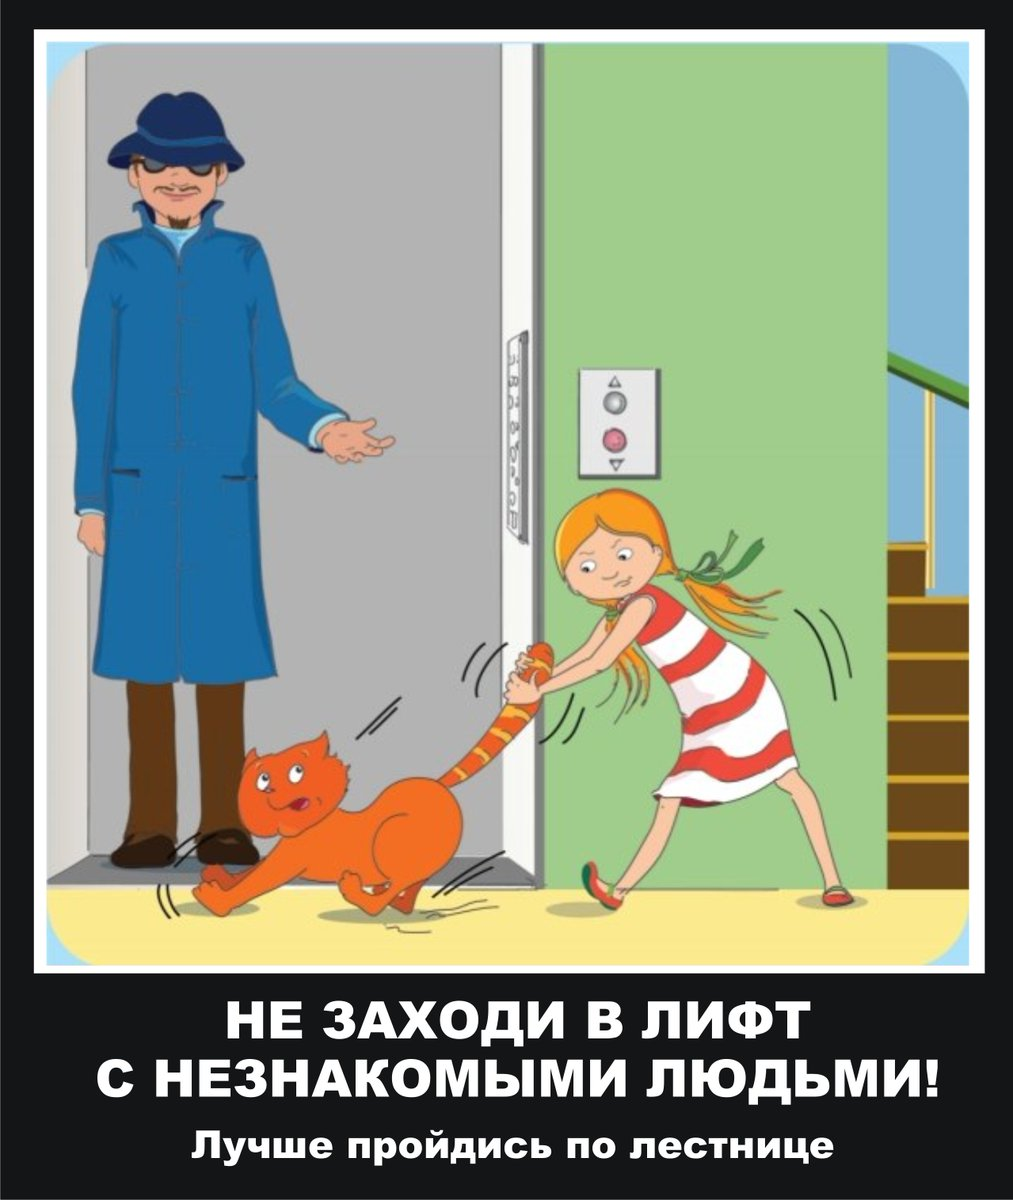 Управлять лифтом - к успехам в денежных делах.